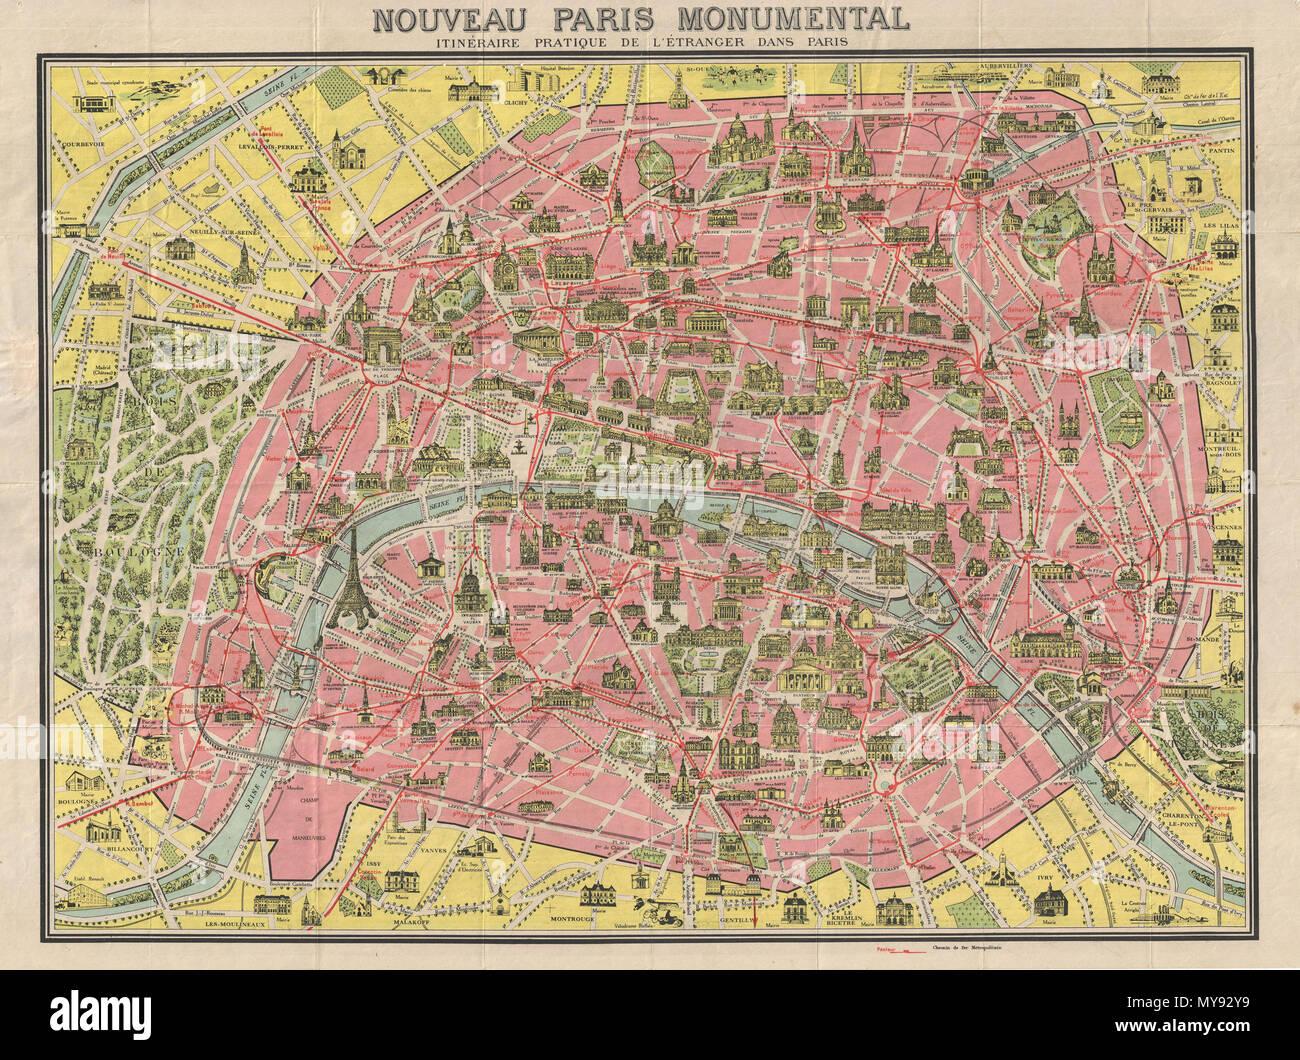 Paris Subway Map English.Nouveau Paris Monumental Inineraire Pratique De L Etranger Dans